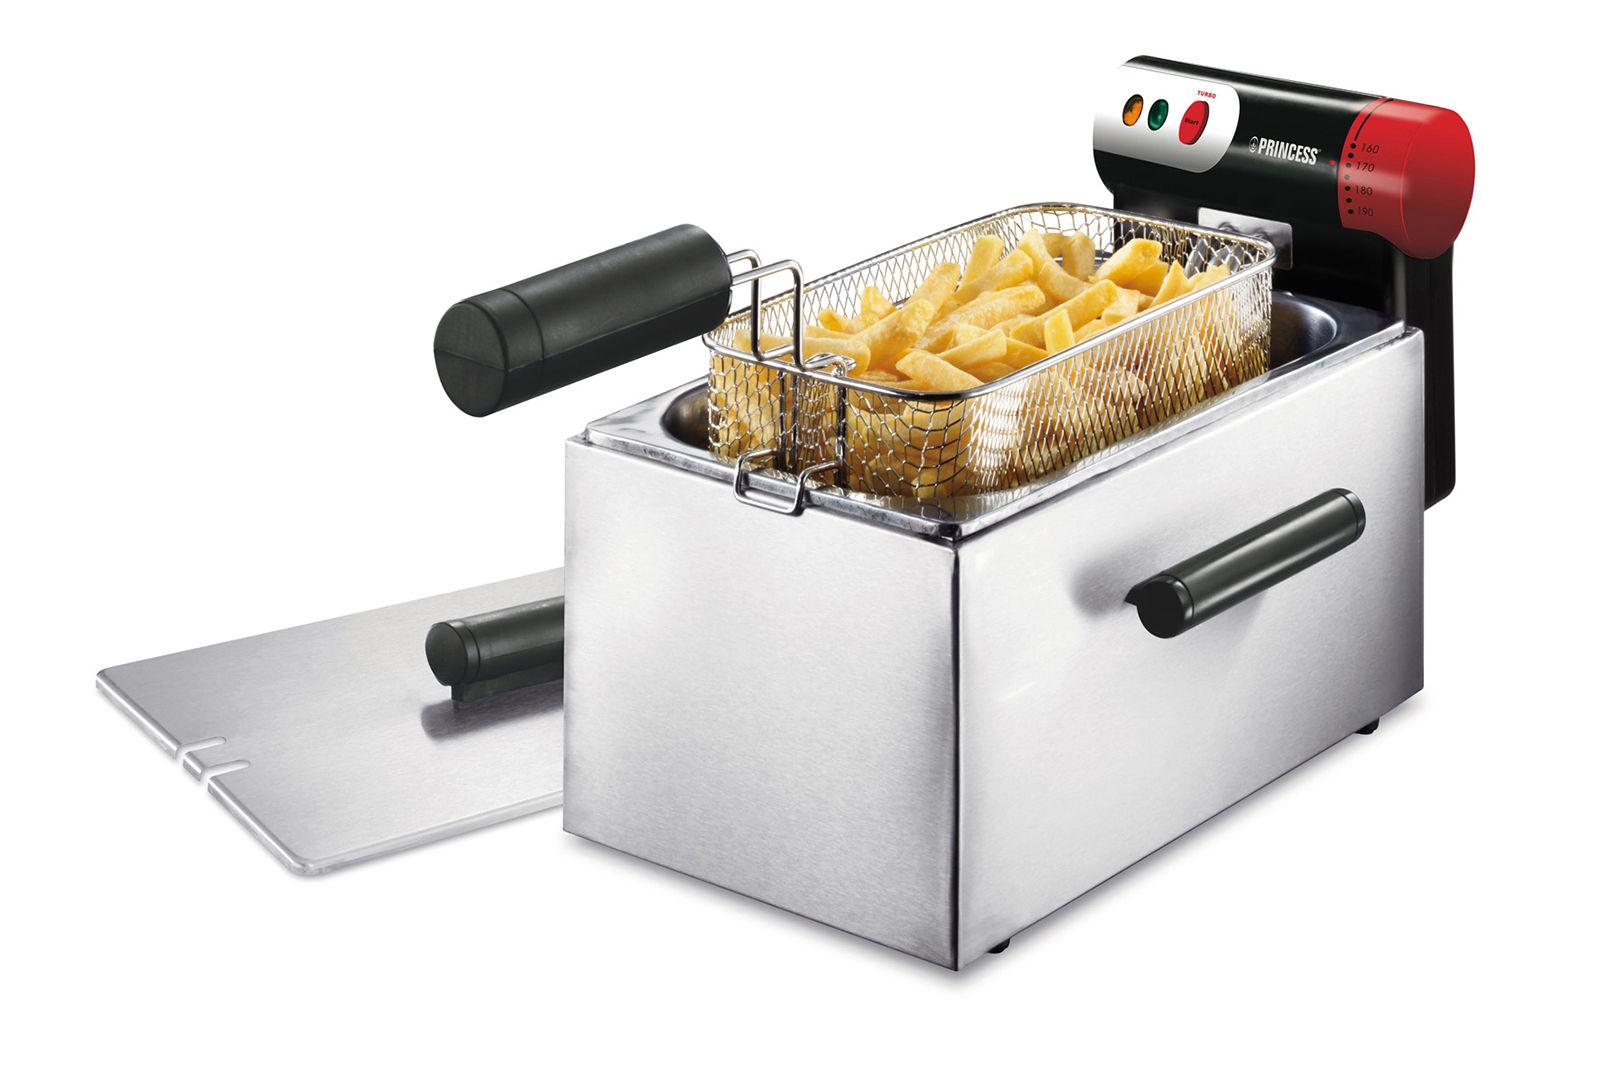 Conosciuto Come funziona la friggitrice ad aria? Scoprilo qui! KW61